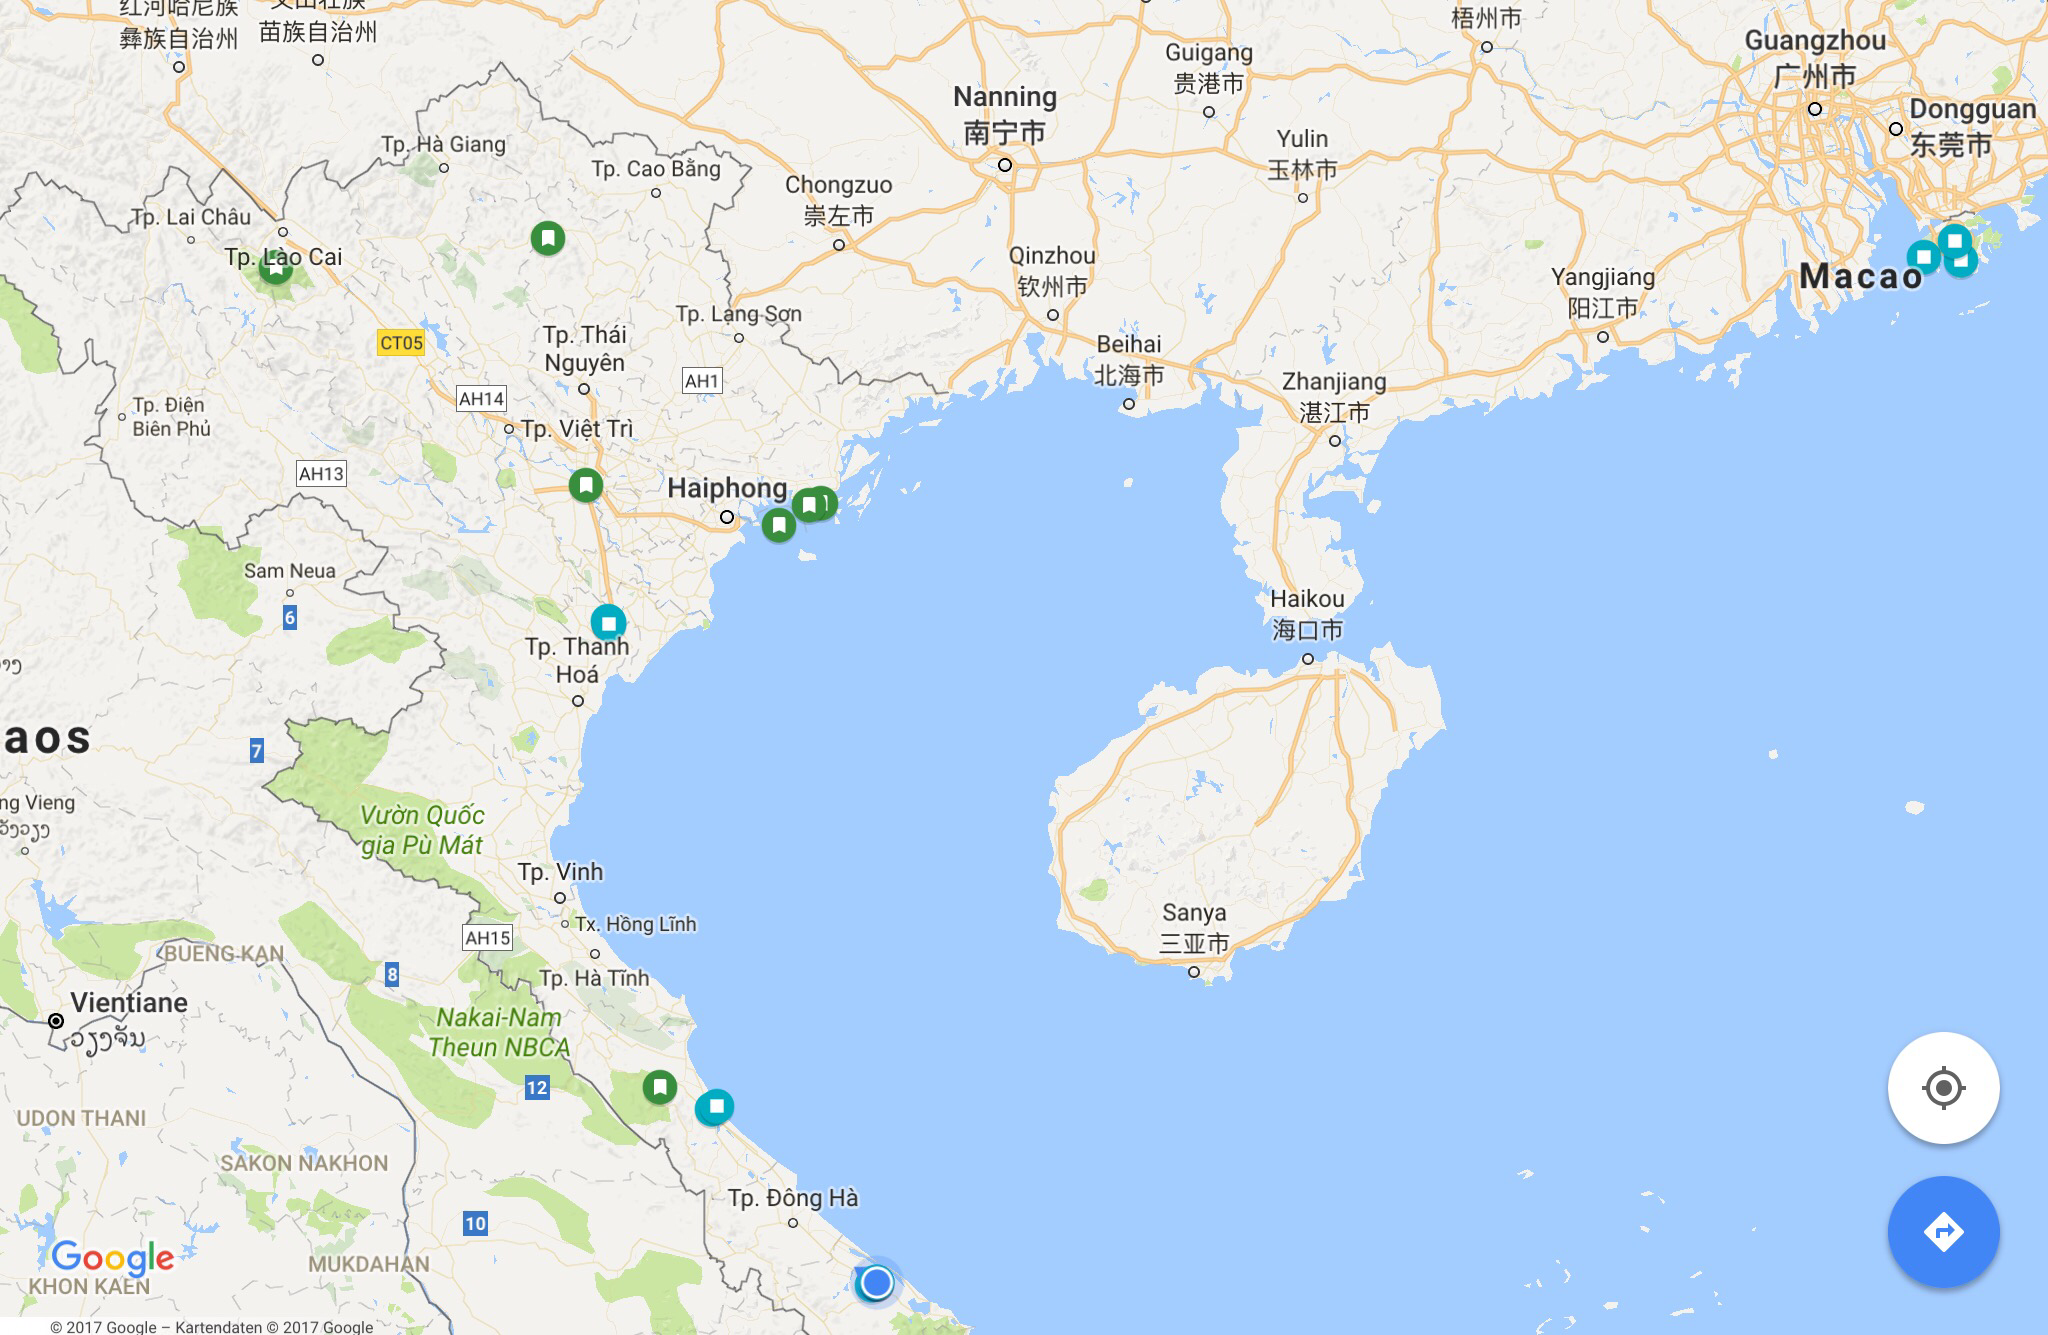 Die Stationen im Norden Vietnams - Sapa ist ganz im Nordwesten.